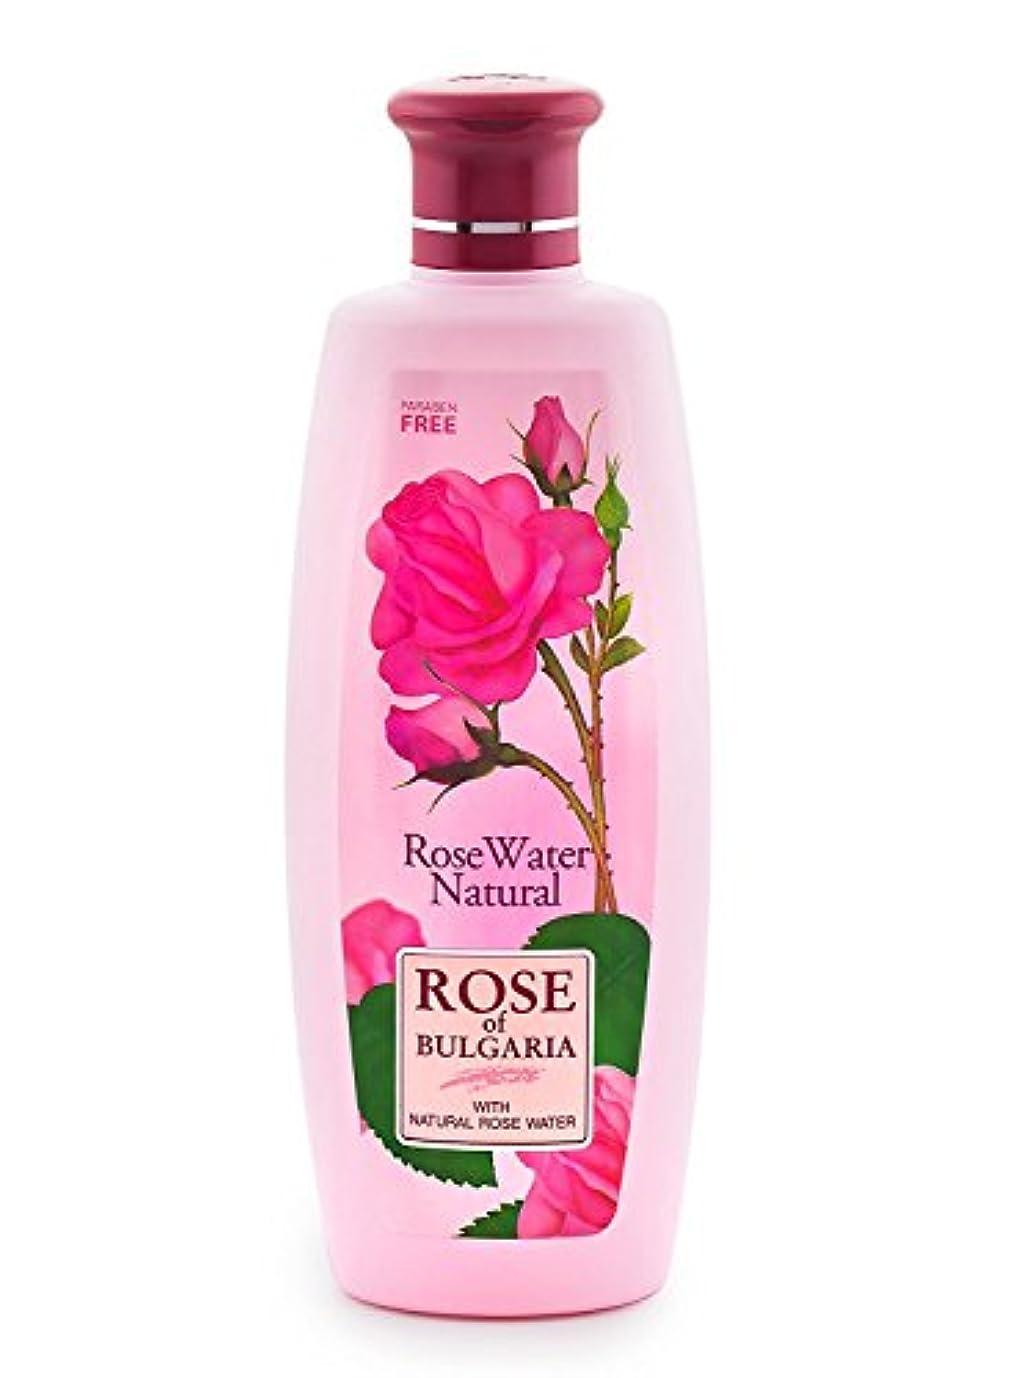 すみません騒々しい溢れんばかりのズ オブ ブルガリア/Rose of Bulgaria/ローズ ウォーター ナチュラル スプレー 330ml